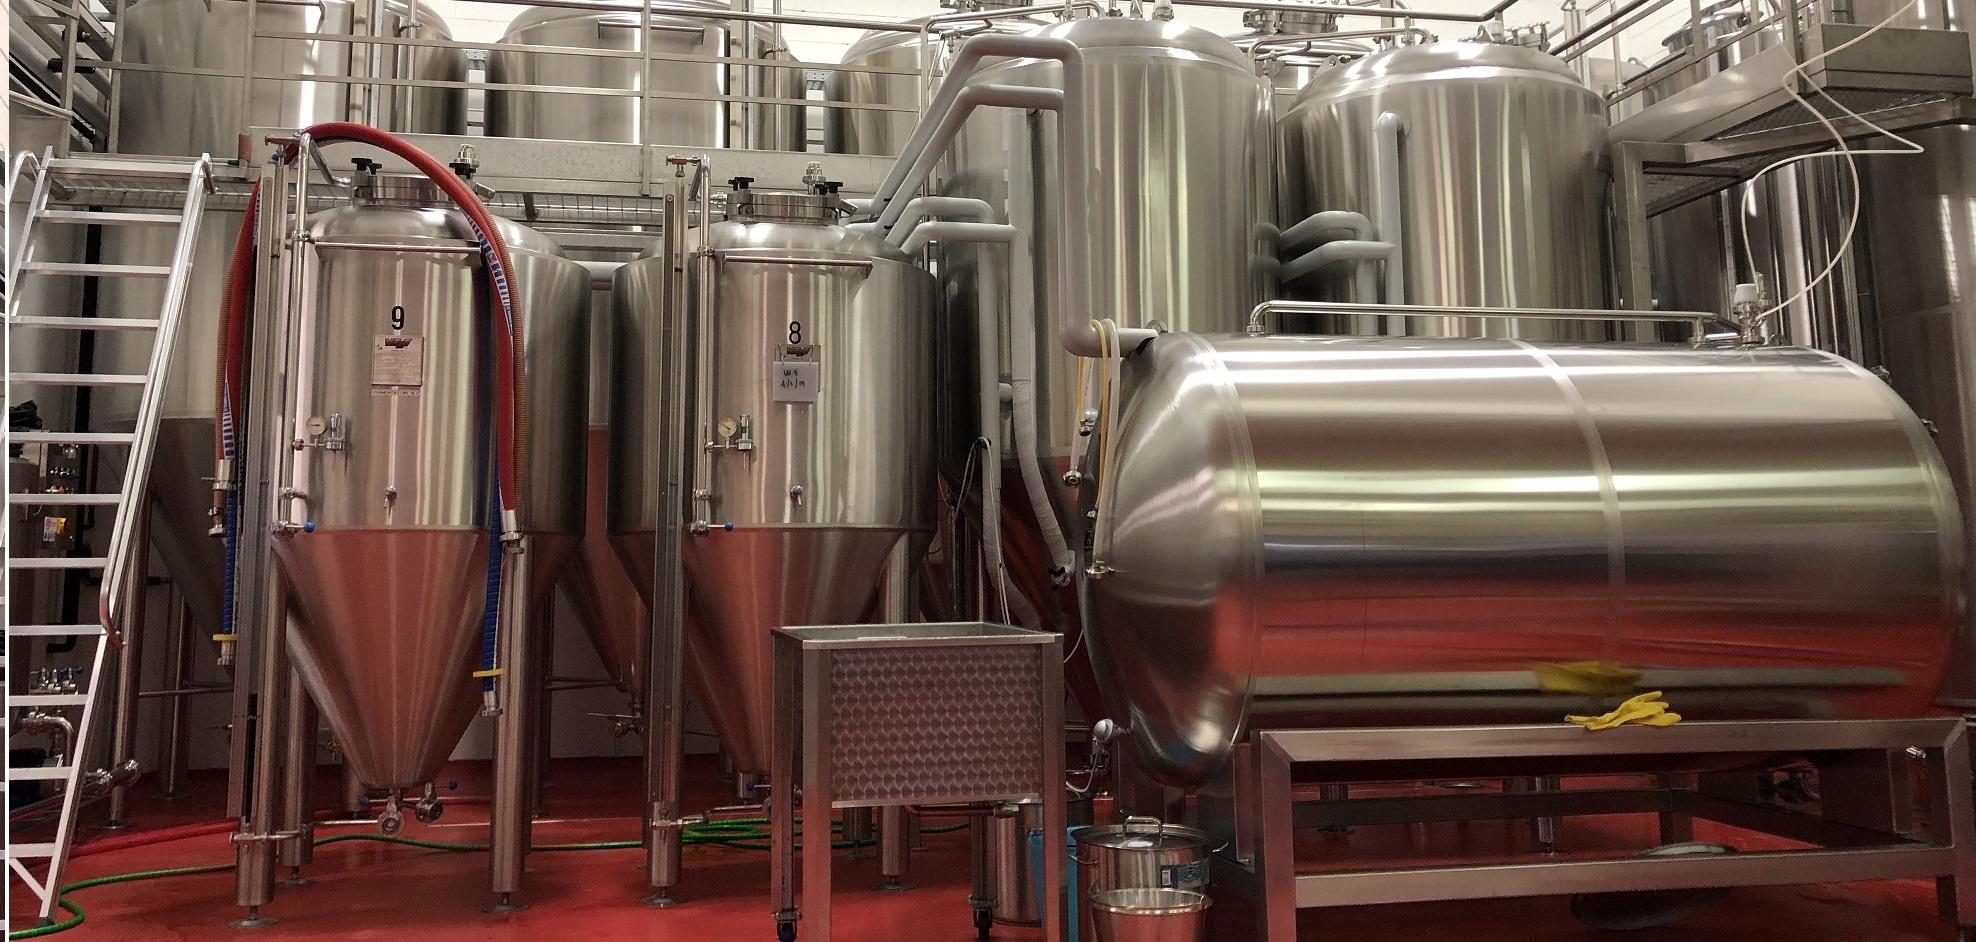 Macchine ed impianti della birra: Tini di fermentazione